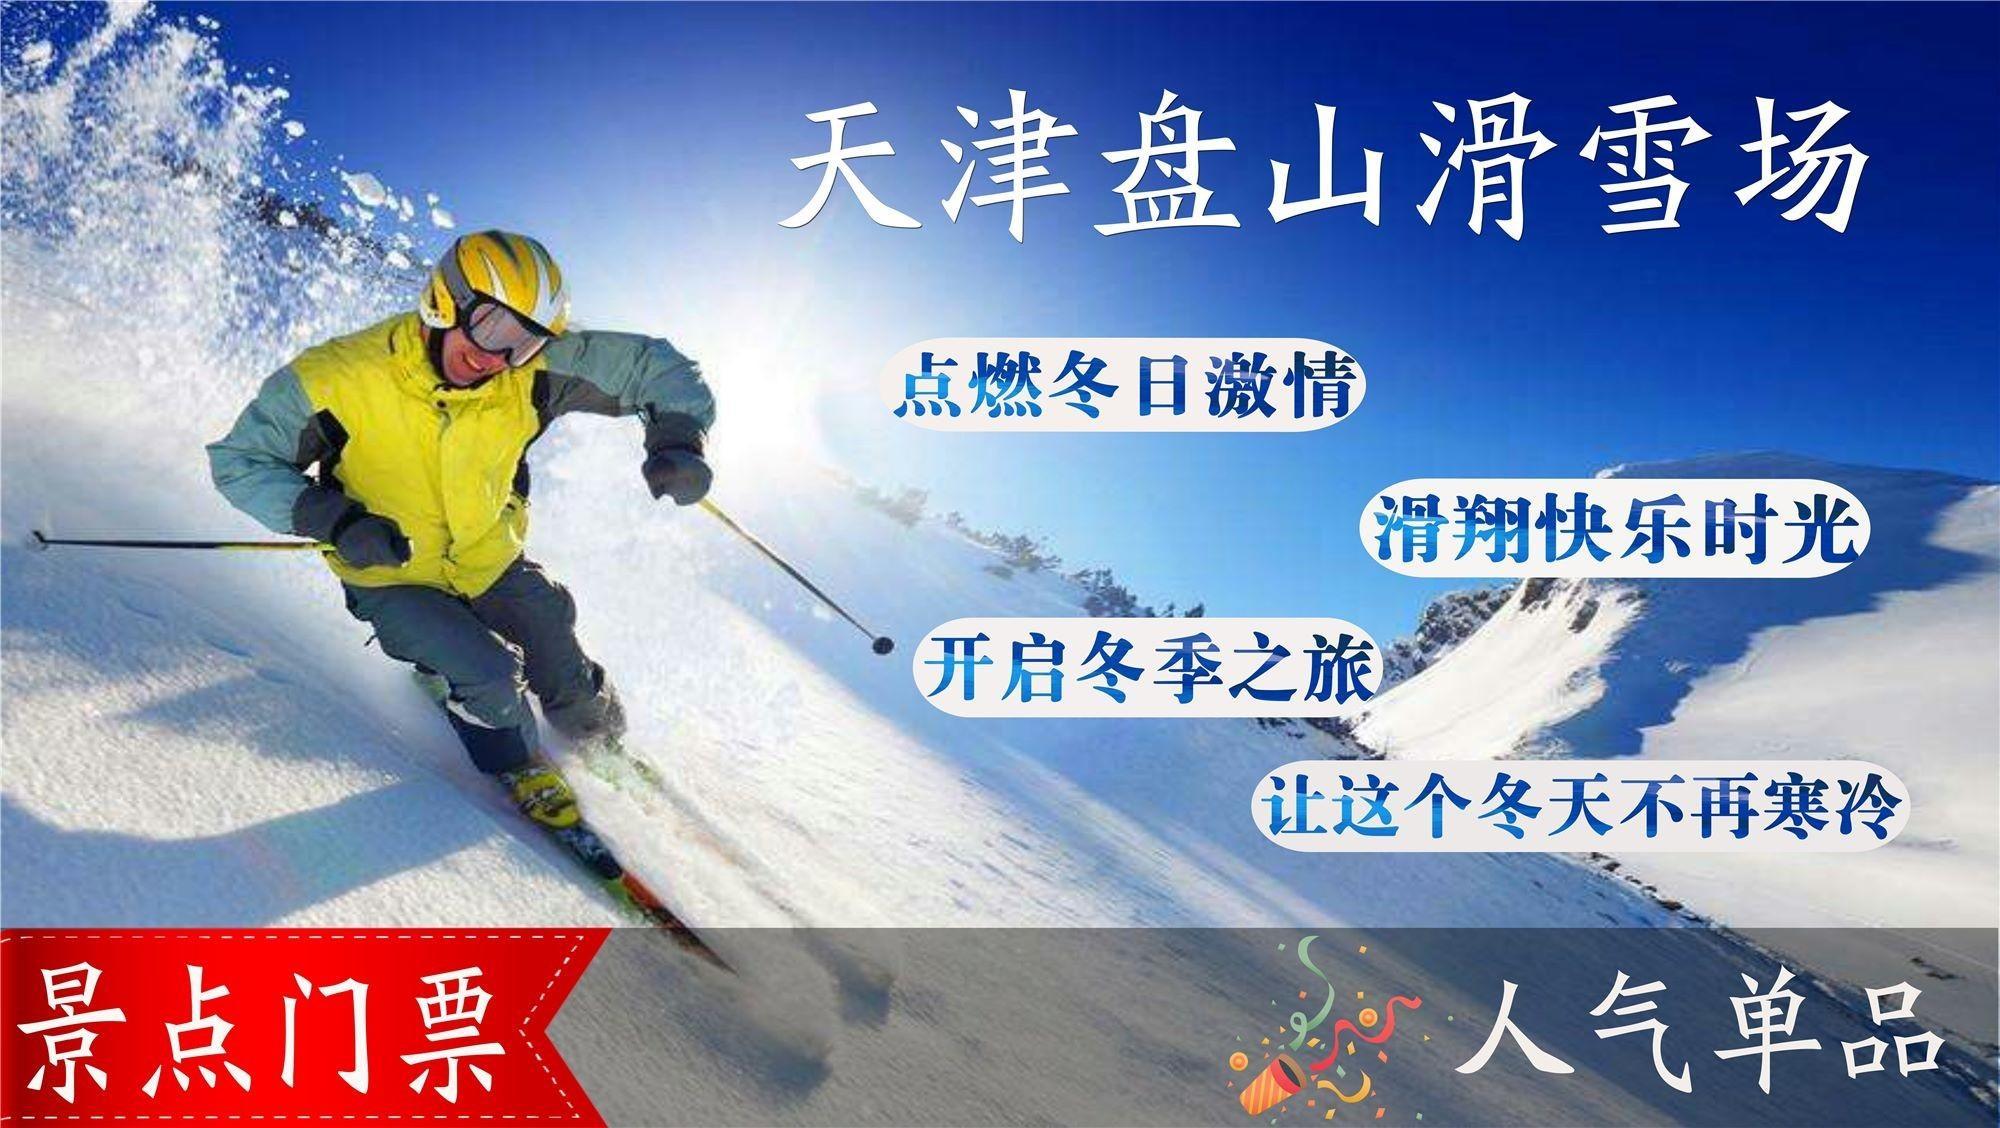 天津盘山滑雪场周末票(含雪具)不限时(成人票)